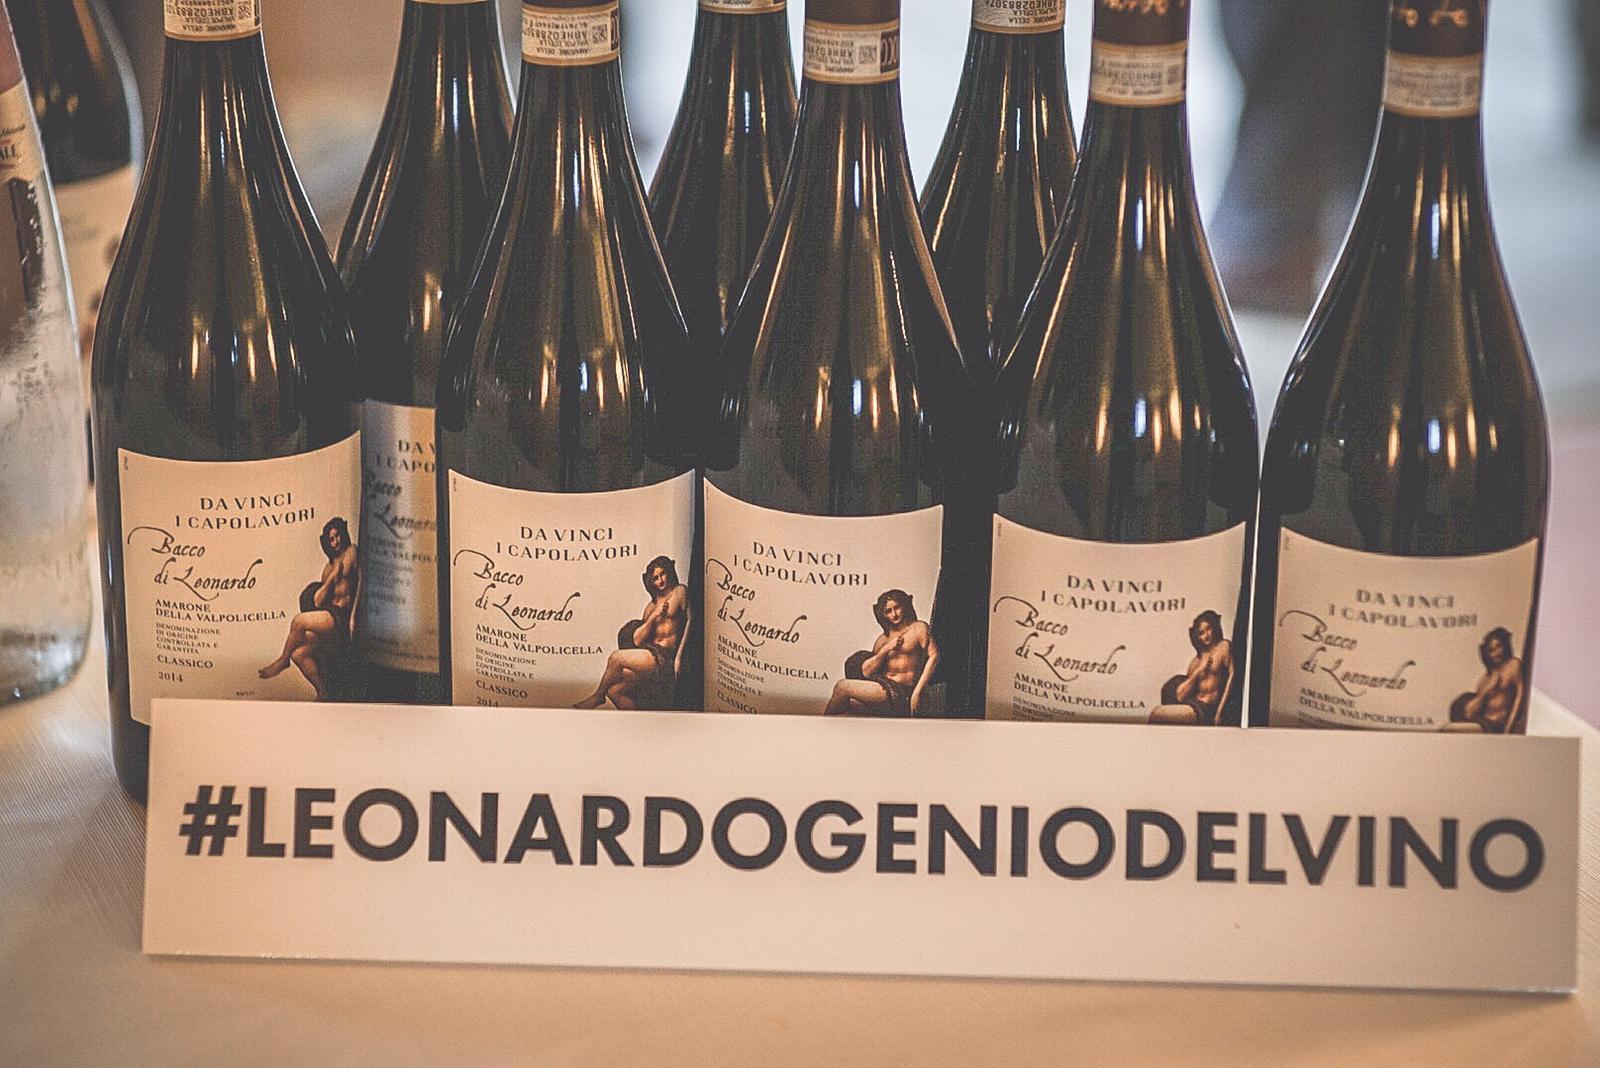 Elaboran vino con el Método Leonardo